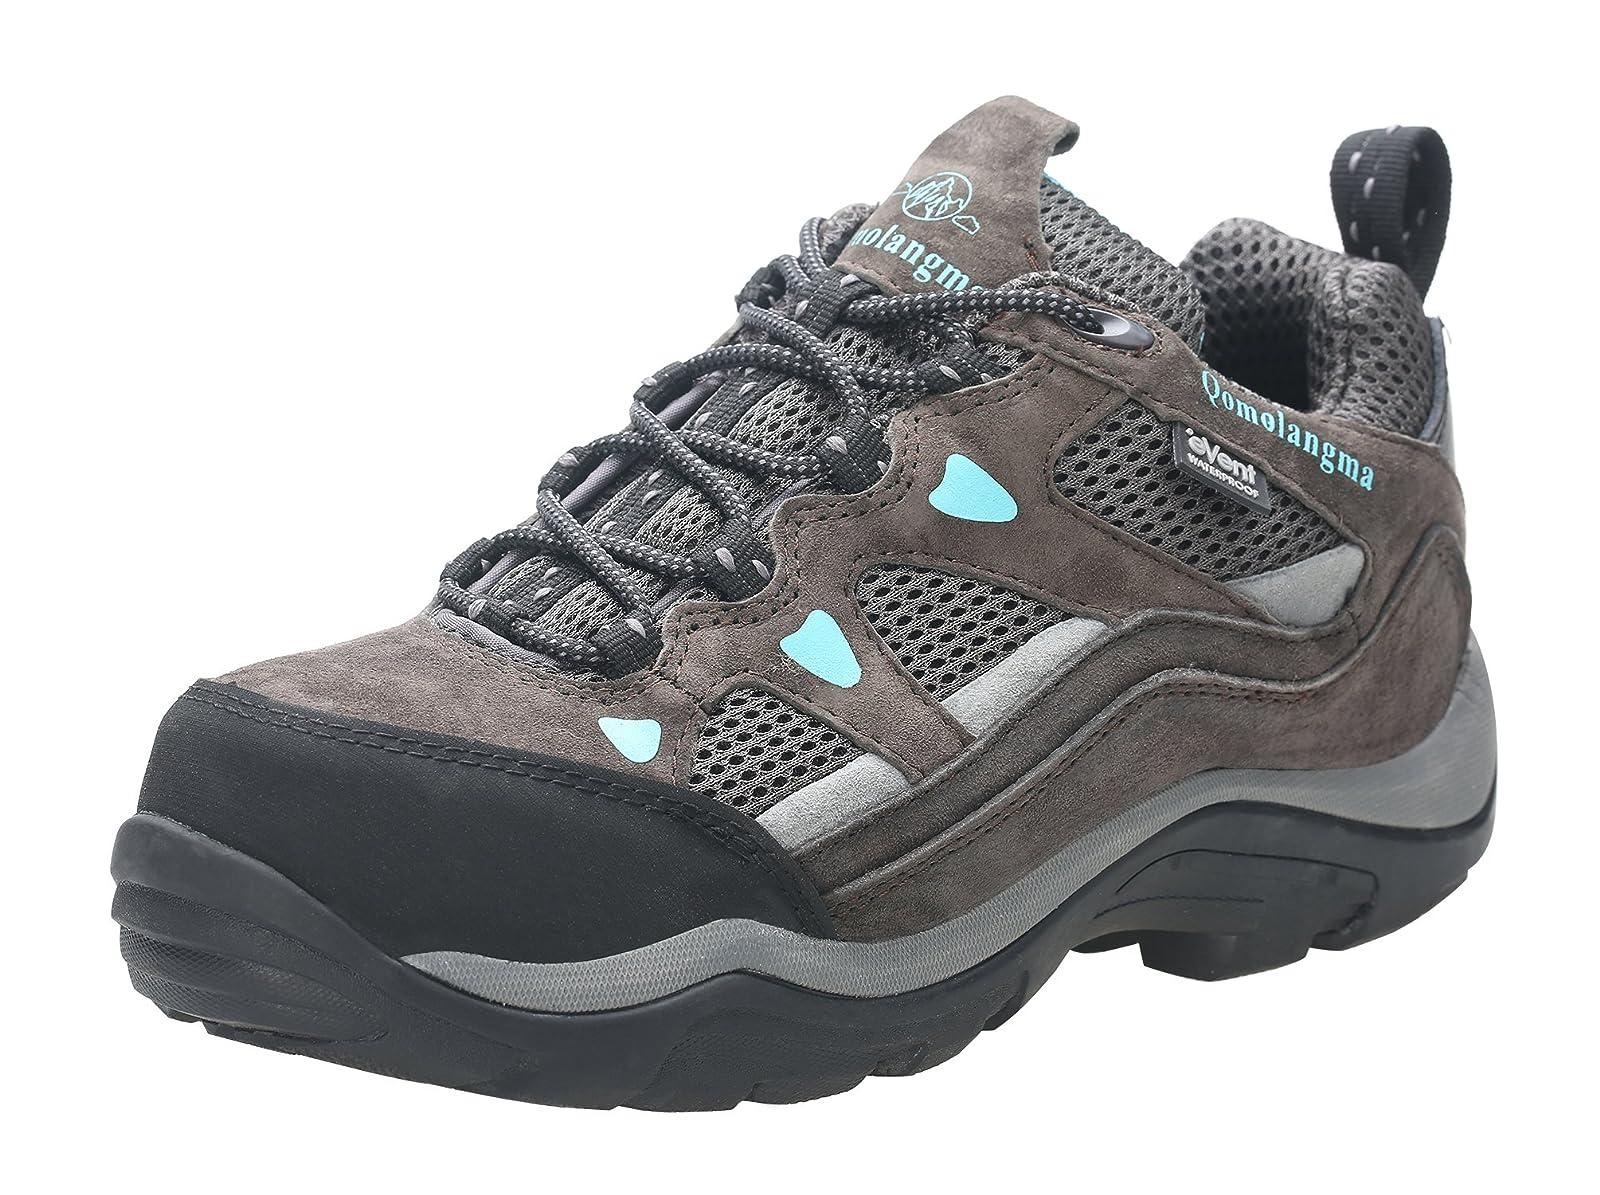 QOMOLANGMA Women's Waterproof Wide Hiking Shoes W91501 - 7